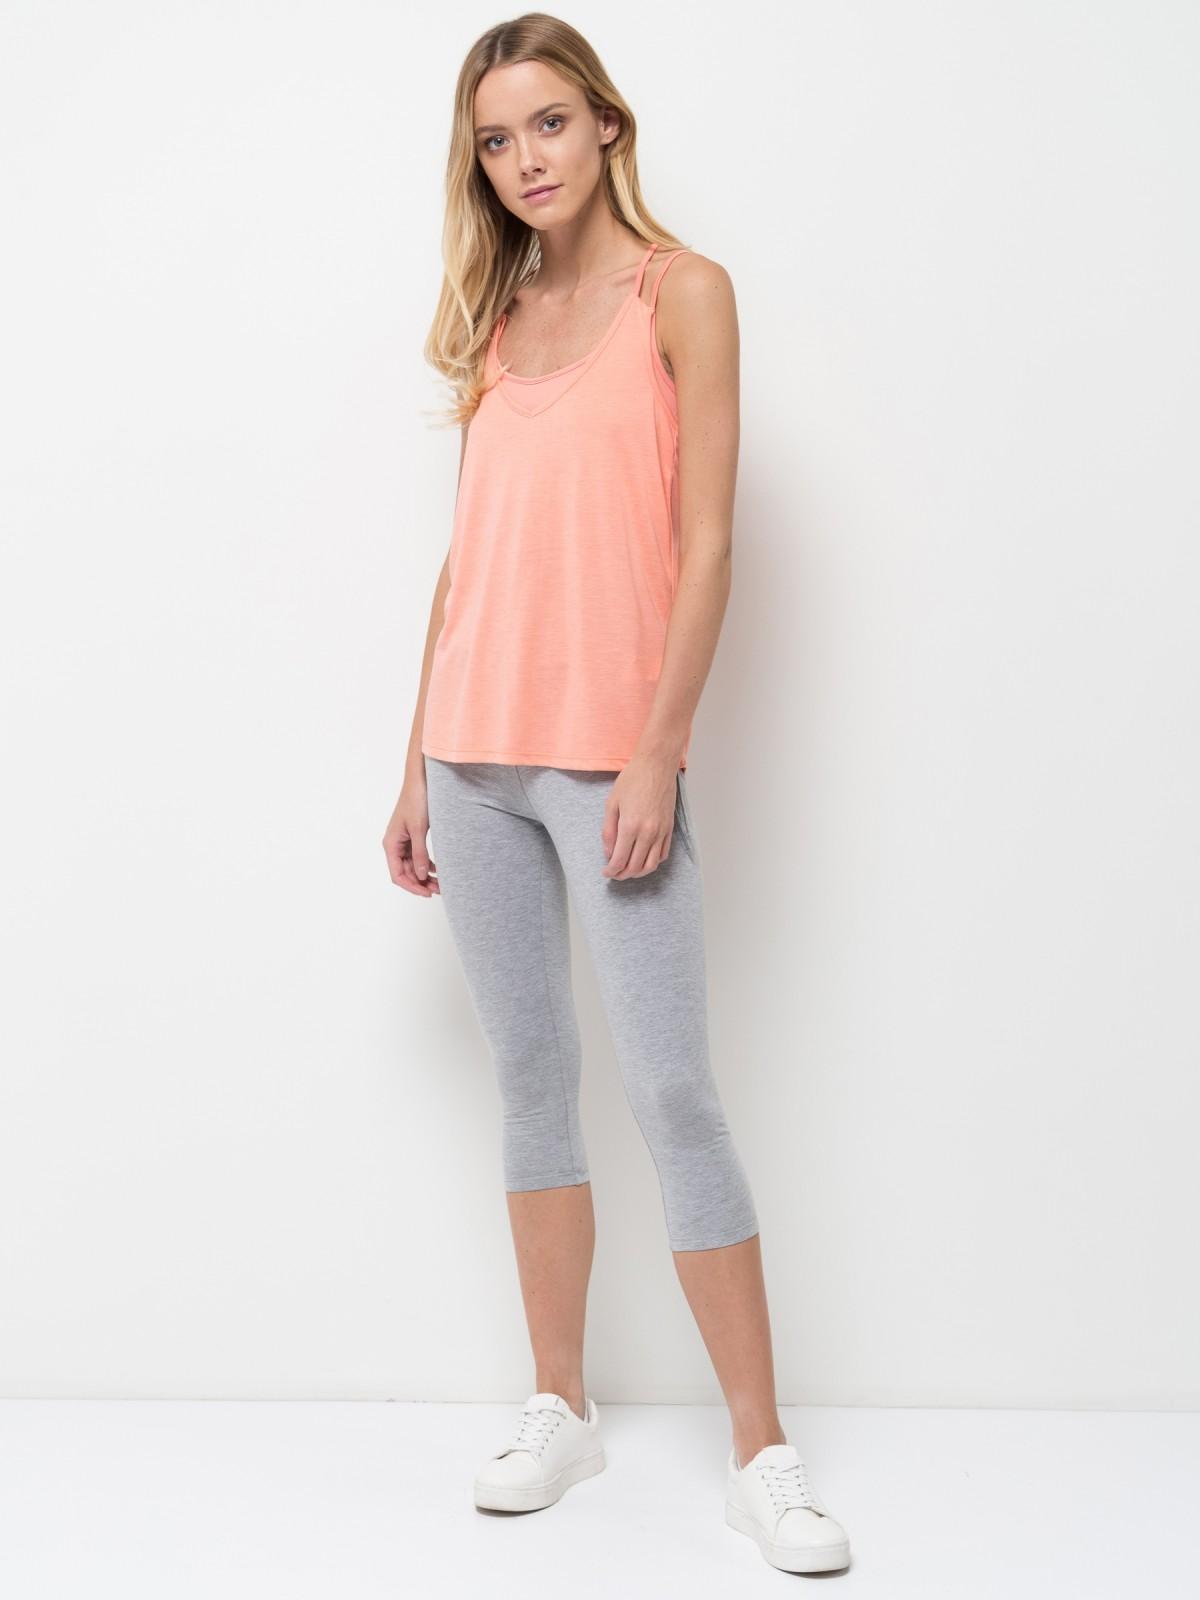 Майка женская Sela, цвет: бледно-оранжевый. Tsl-111/1252-7234. Размер L (48)Tsl-111/1252-7234Оригинальная женская майка Sela, выполненная из качественного легкого материала, отлично подойдет для занятий спортом и для повседневной носки. Модель прямого кроя на бретельках с вшитым поддерживающим топом будет отлично сочетаться с джинсами, лосинами и шортами. Мягкая ткань на основе полиэстера и вискозы комфортна и приятна на ощупь.